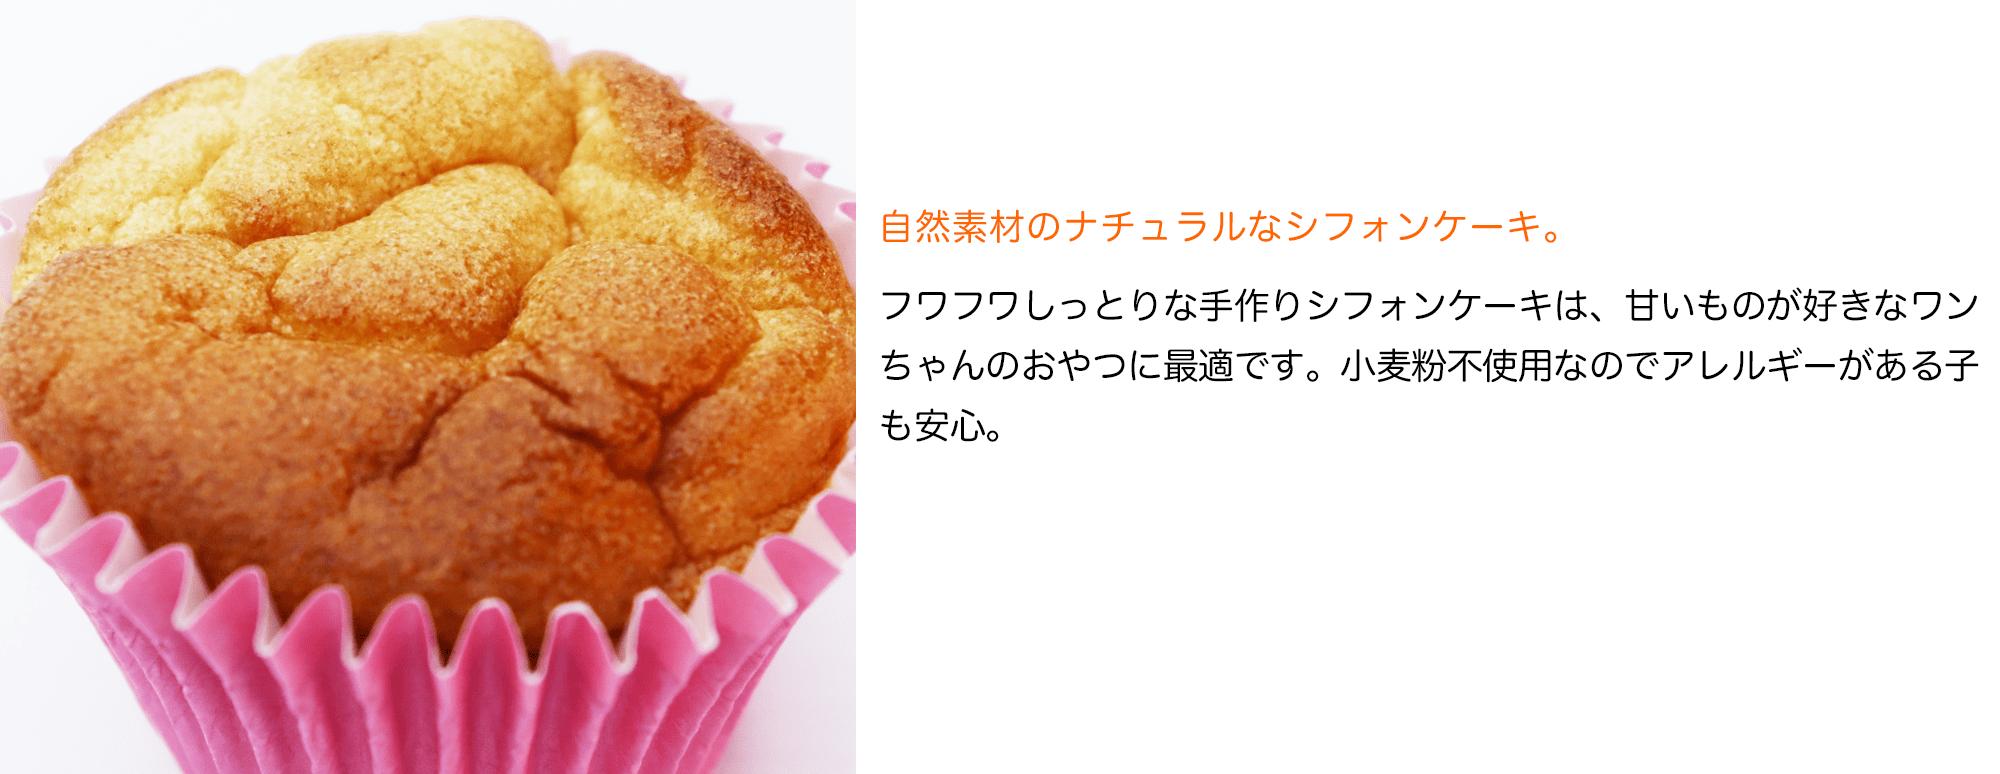 はちみつと米粉のプチシフォンケーキ